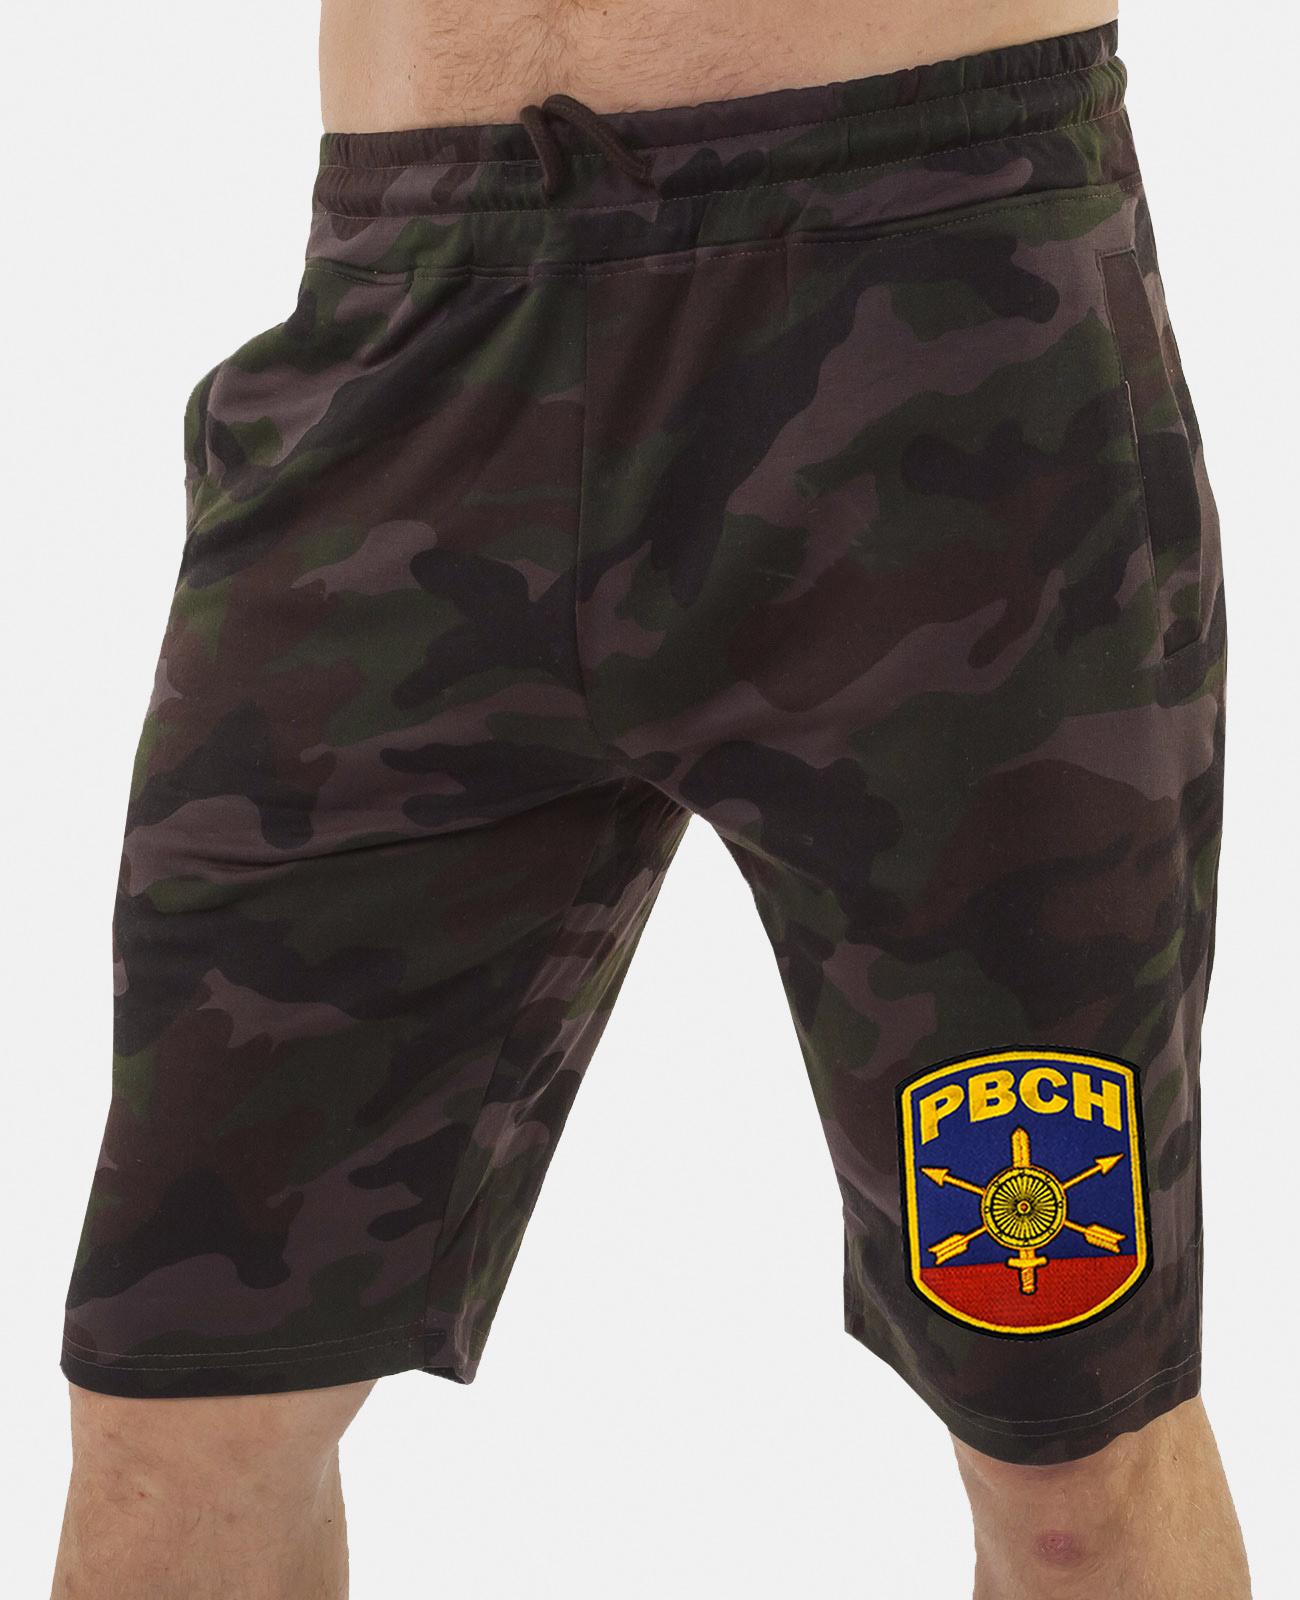 Купить камуфляжные мужские шорты с нашивкой РВСН в подарок мужчине